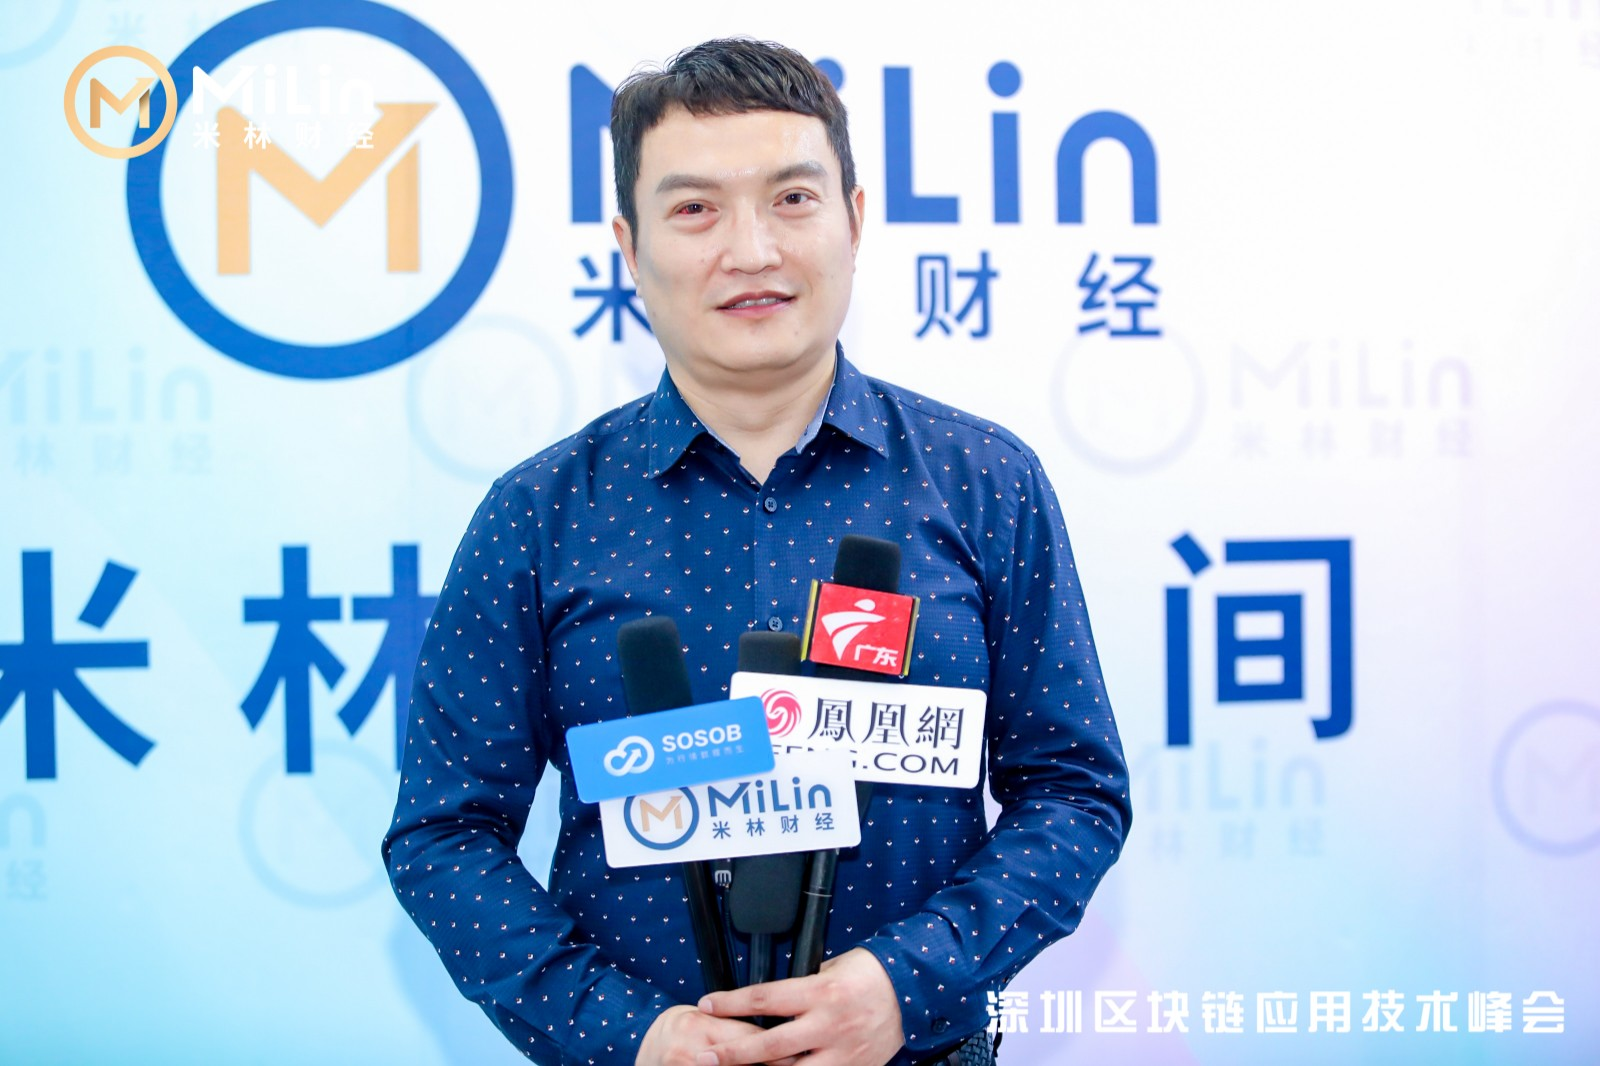 专访南山区区块链应用协会秘书长吴俊杰:加强区块链行业的监管